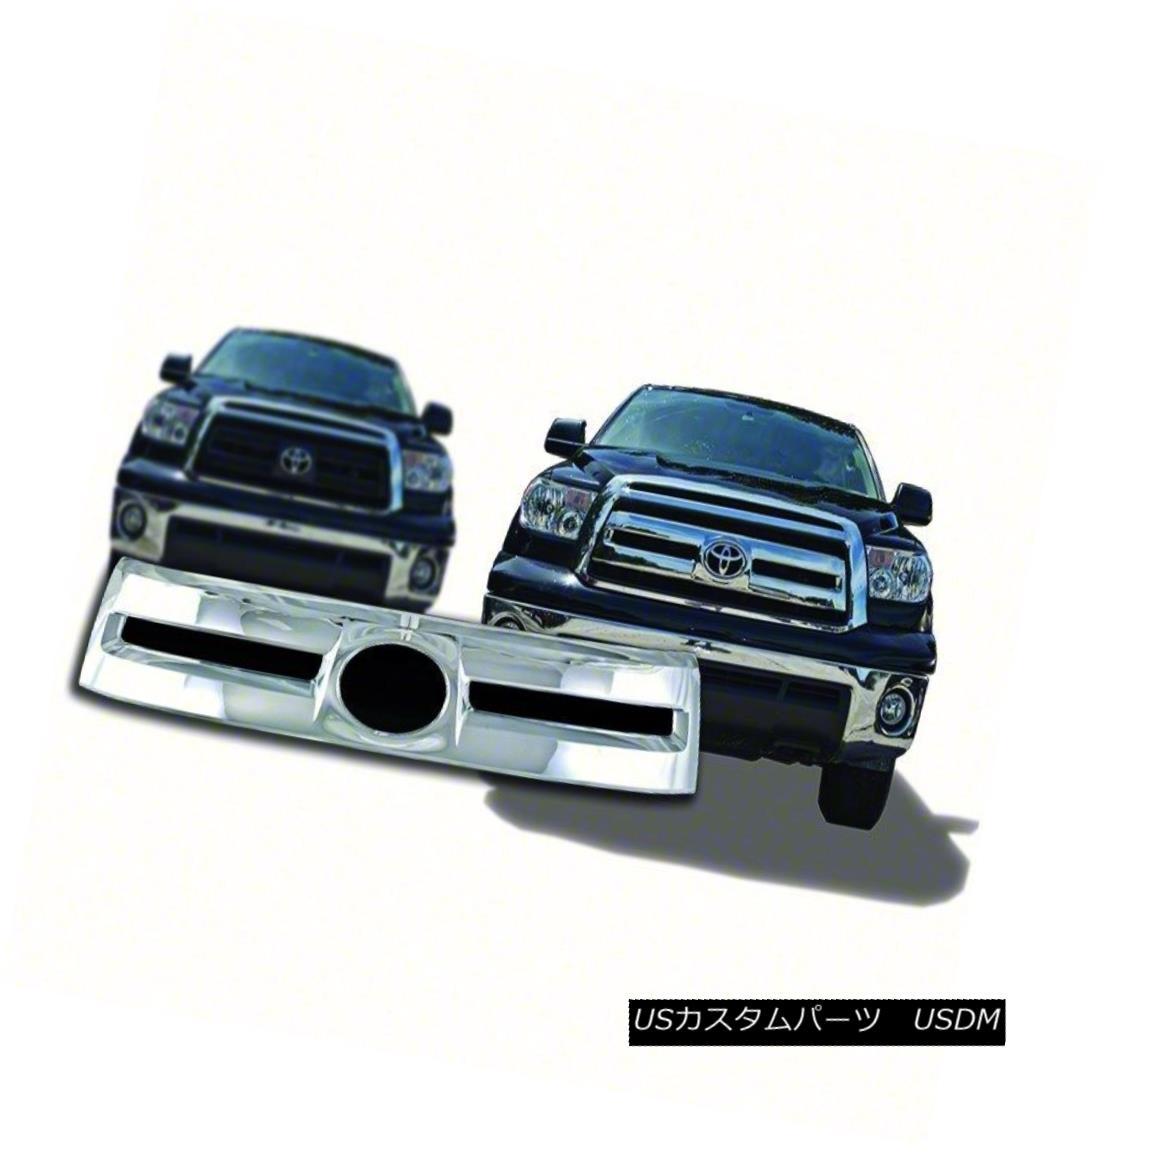 グリル Fits 2010-13 Toyota Tundra-Chrome Grille Overlay-IWCGI79 フィット2010-13トヨタトンドラクロムグリルオーバーレイ-IWCGI7 9